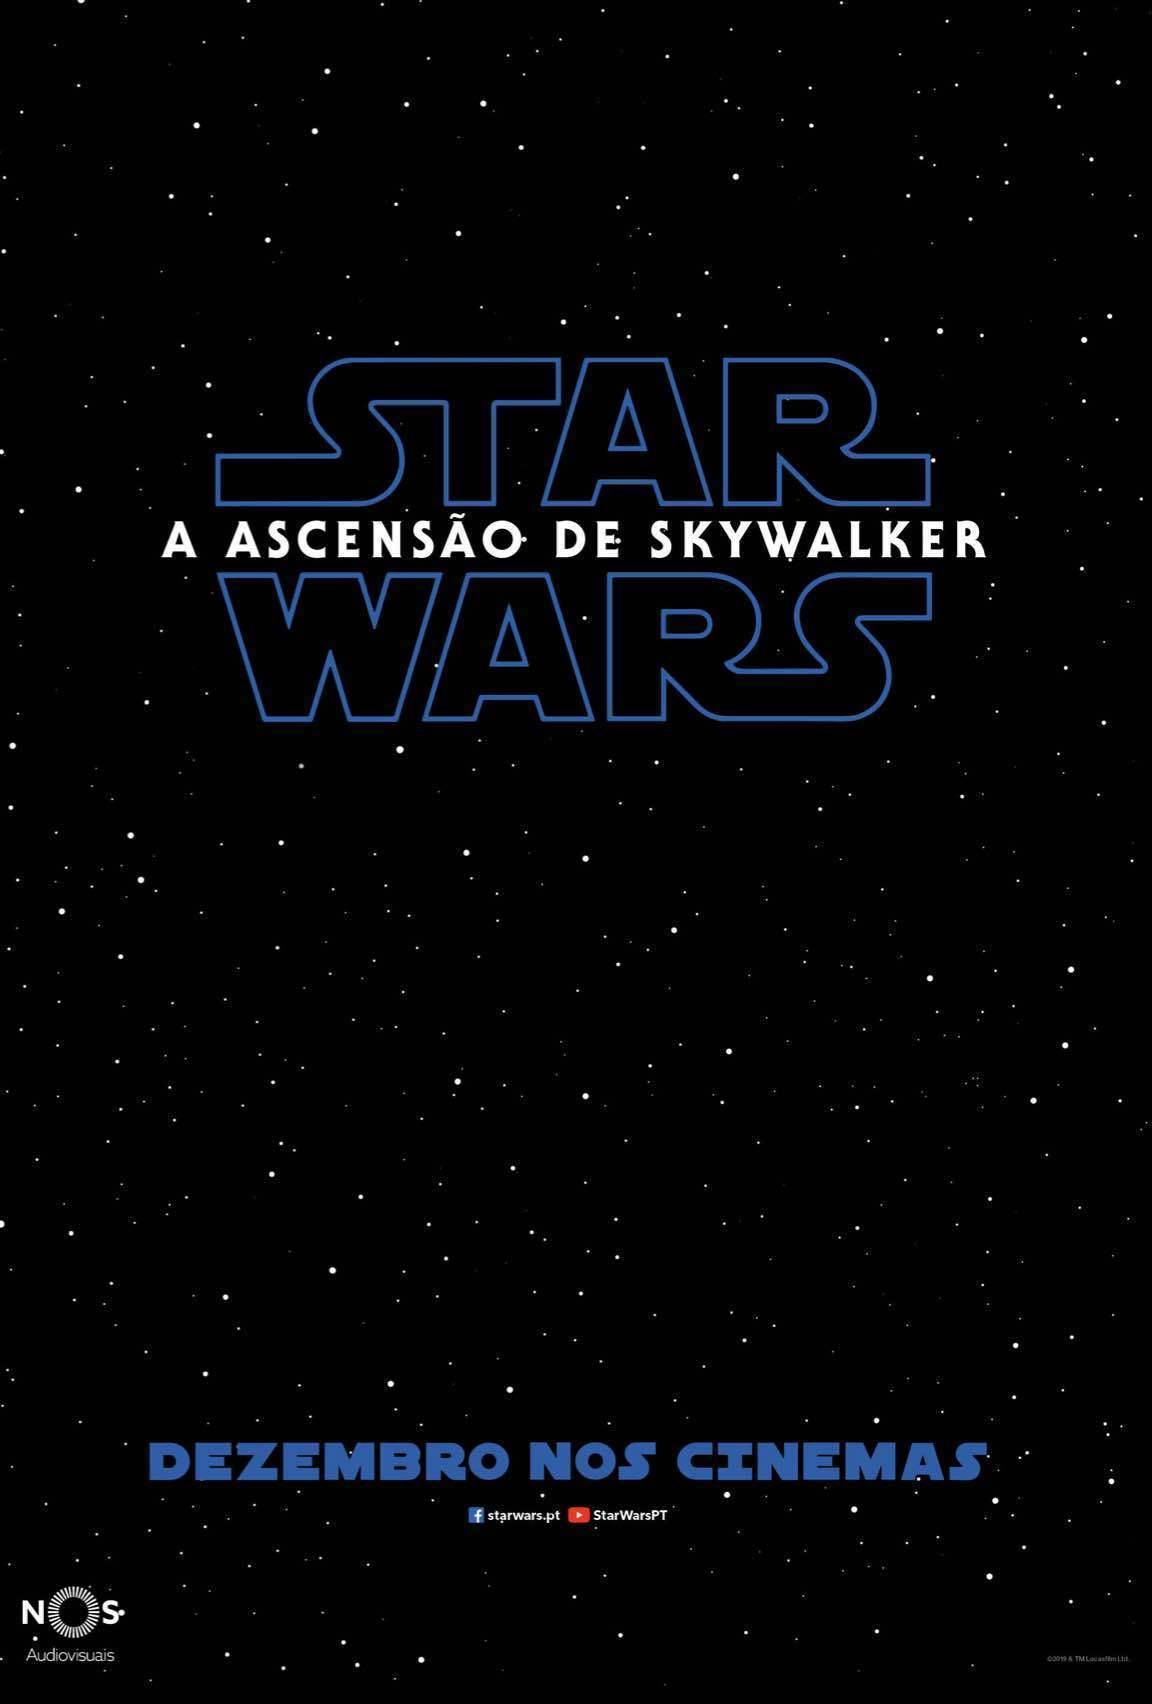 Poster com um céu negro, estrelas e o logótipo de Star Wars: A Ascensão de Skywalker